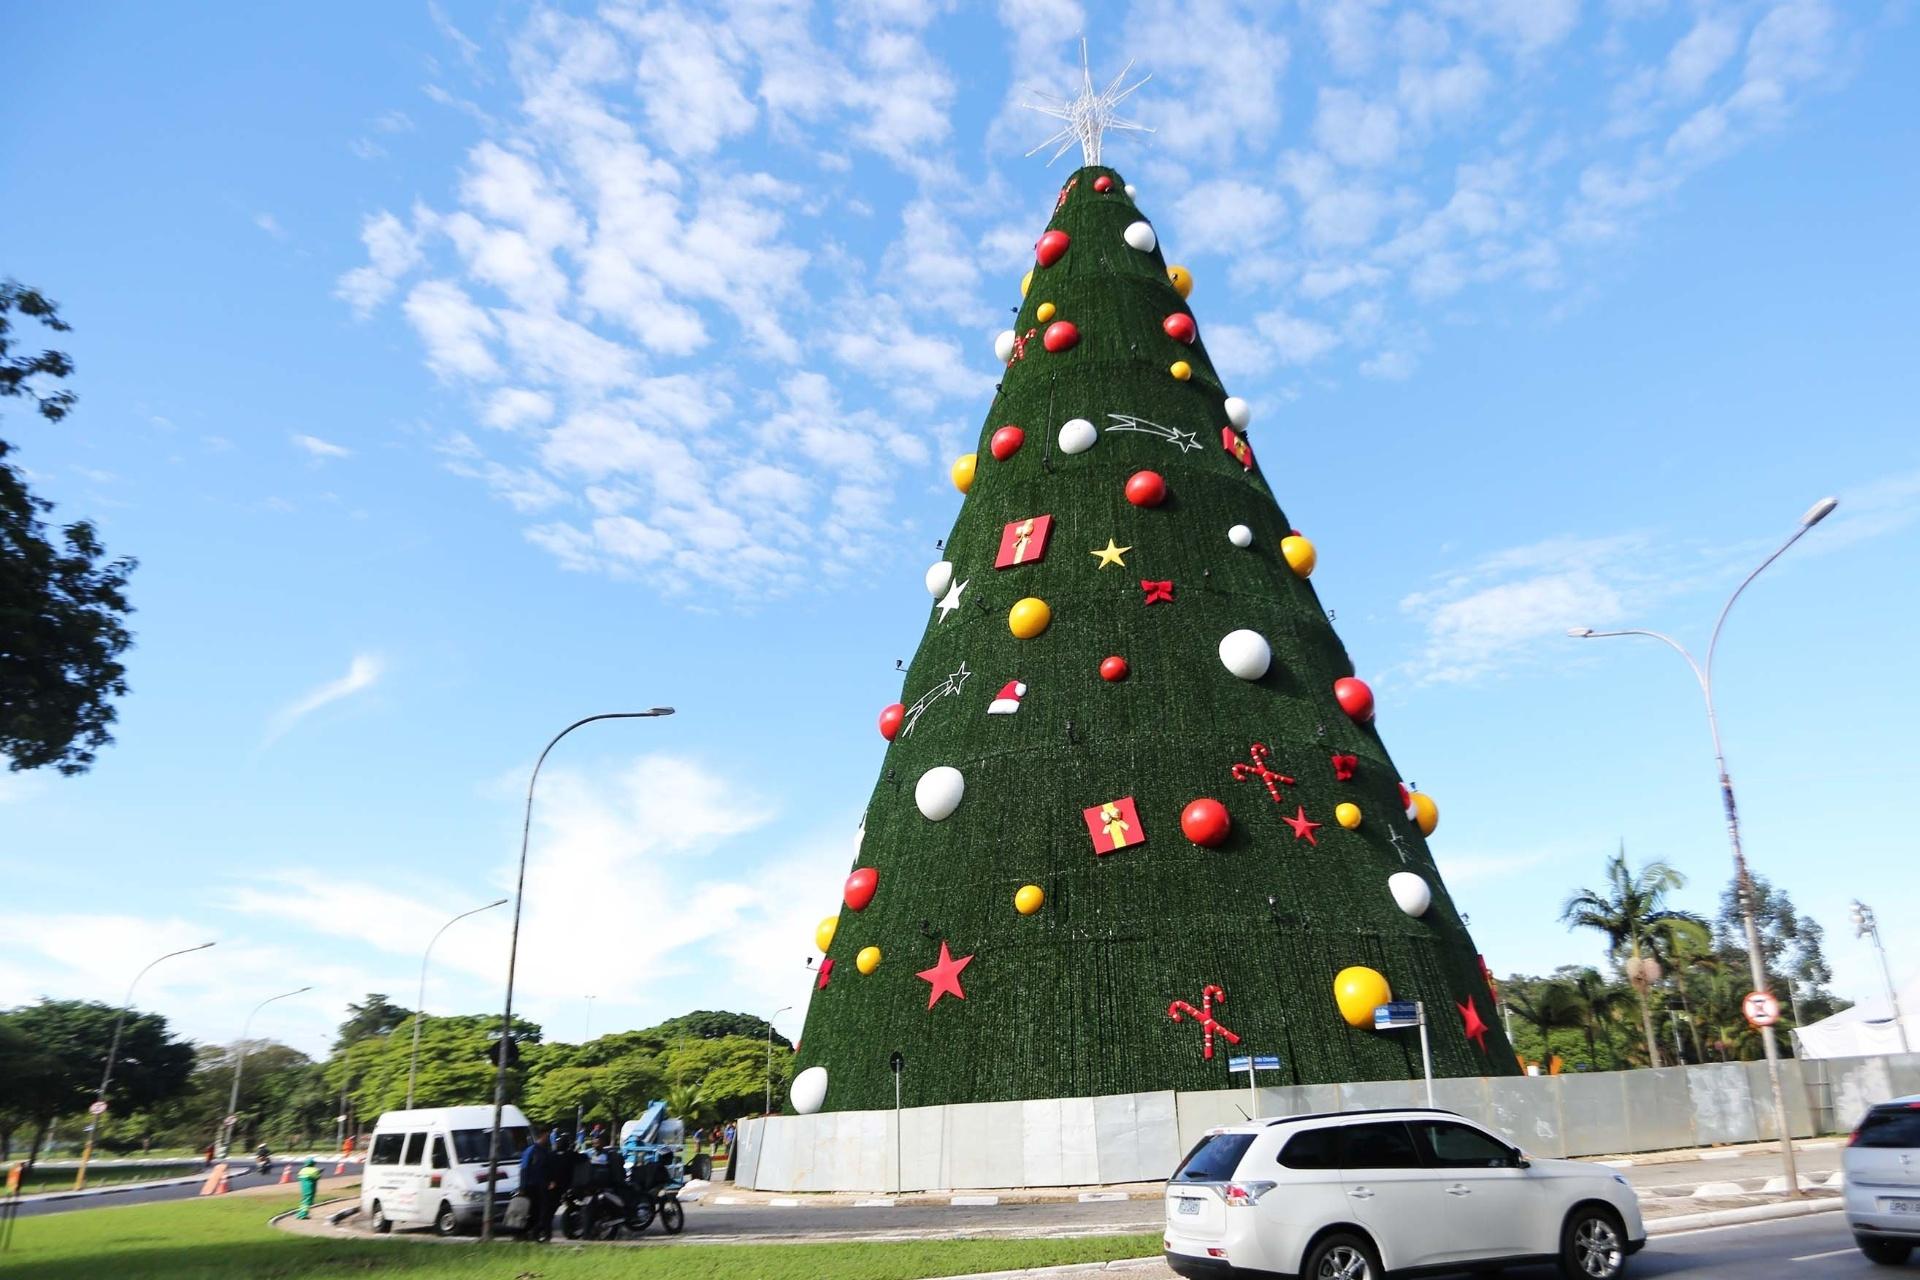 12.dez.2014 - Árvore de Natal do parque Ibirapuera, em São Paulo fica pronta para inauguração. O último trabalho foi a instalação de energia elétrica, feita por funcionários da Eletropaulo